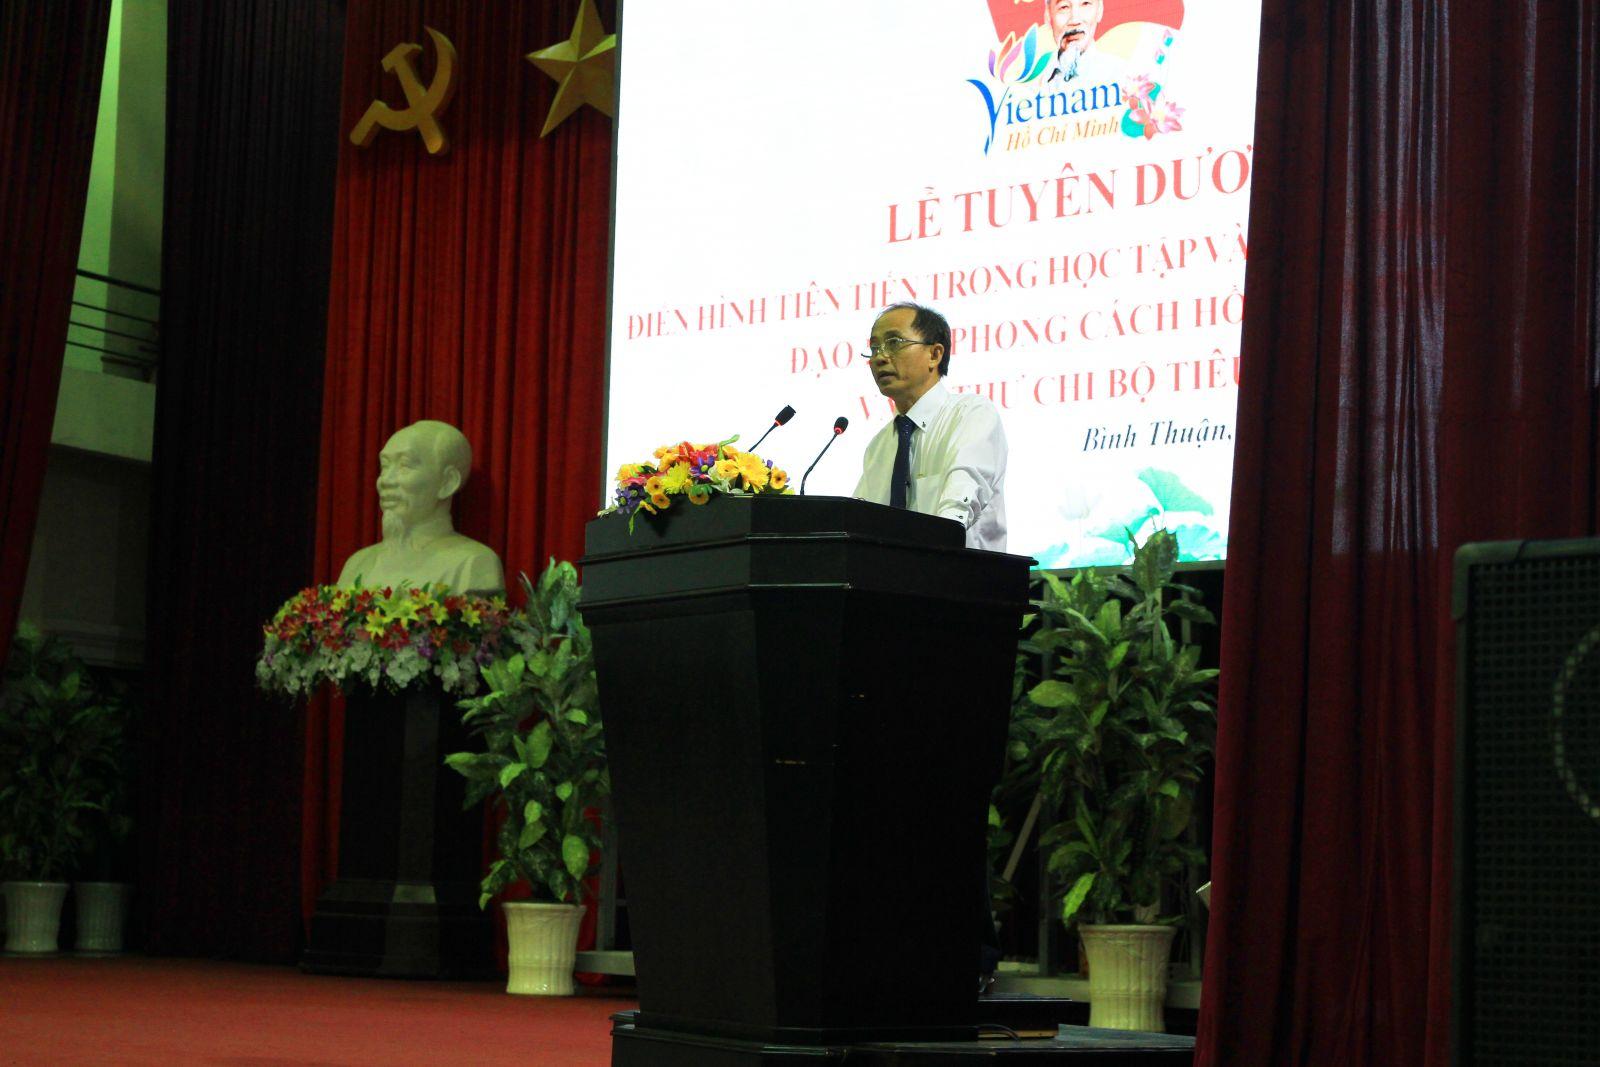 Đồng chí Lê Đức Hùng - Bí thư Đảng ủy Khối phát biểu tại Lễ Tuyên dương